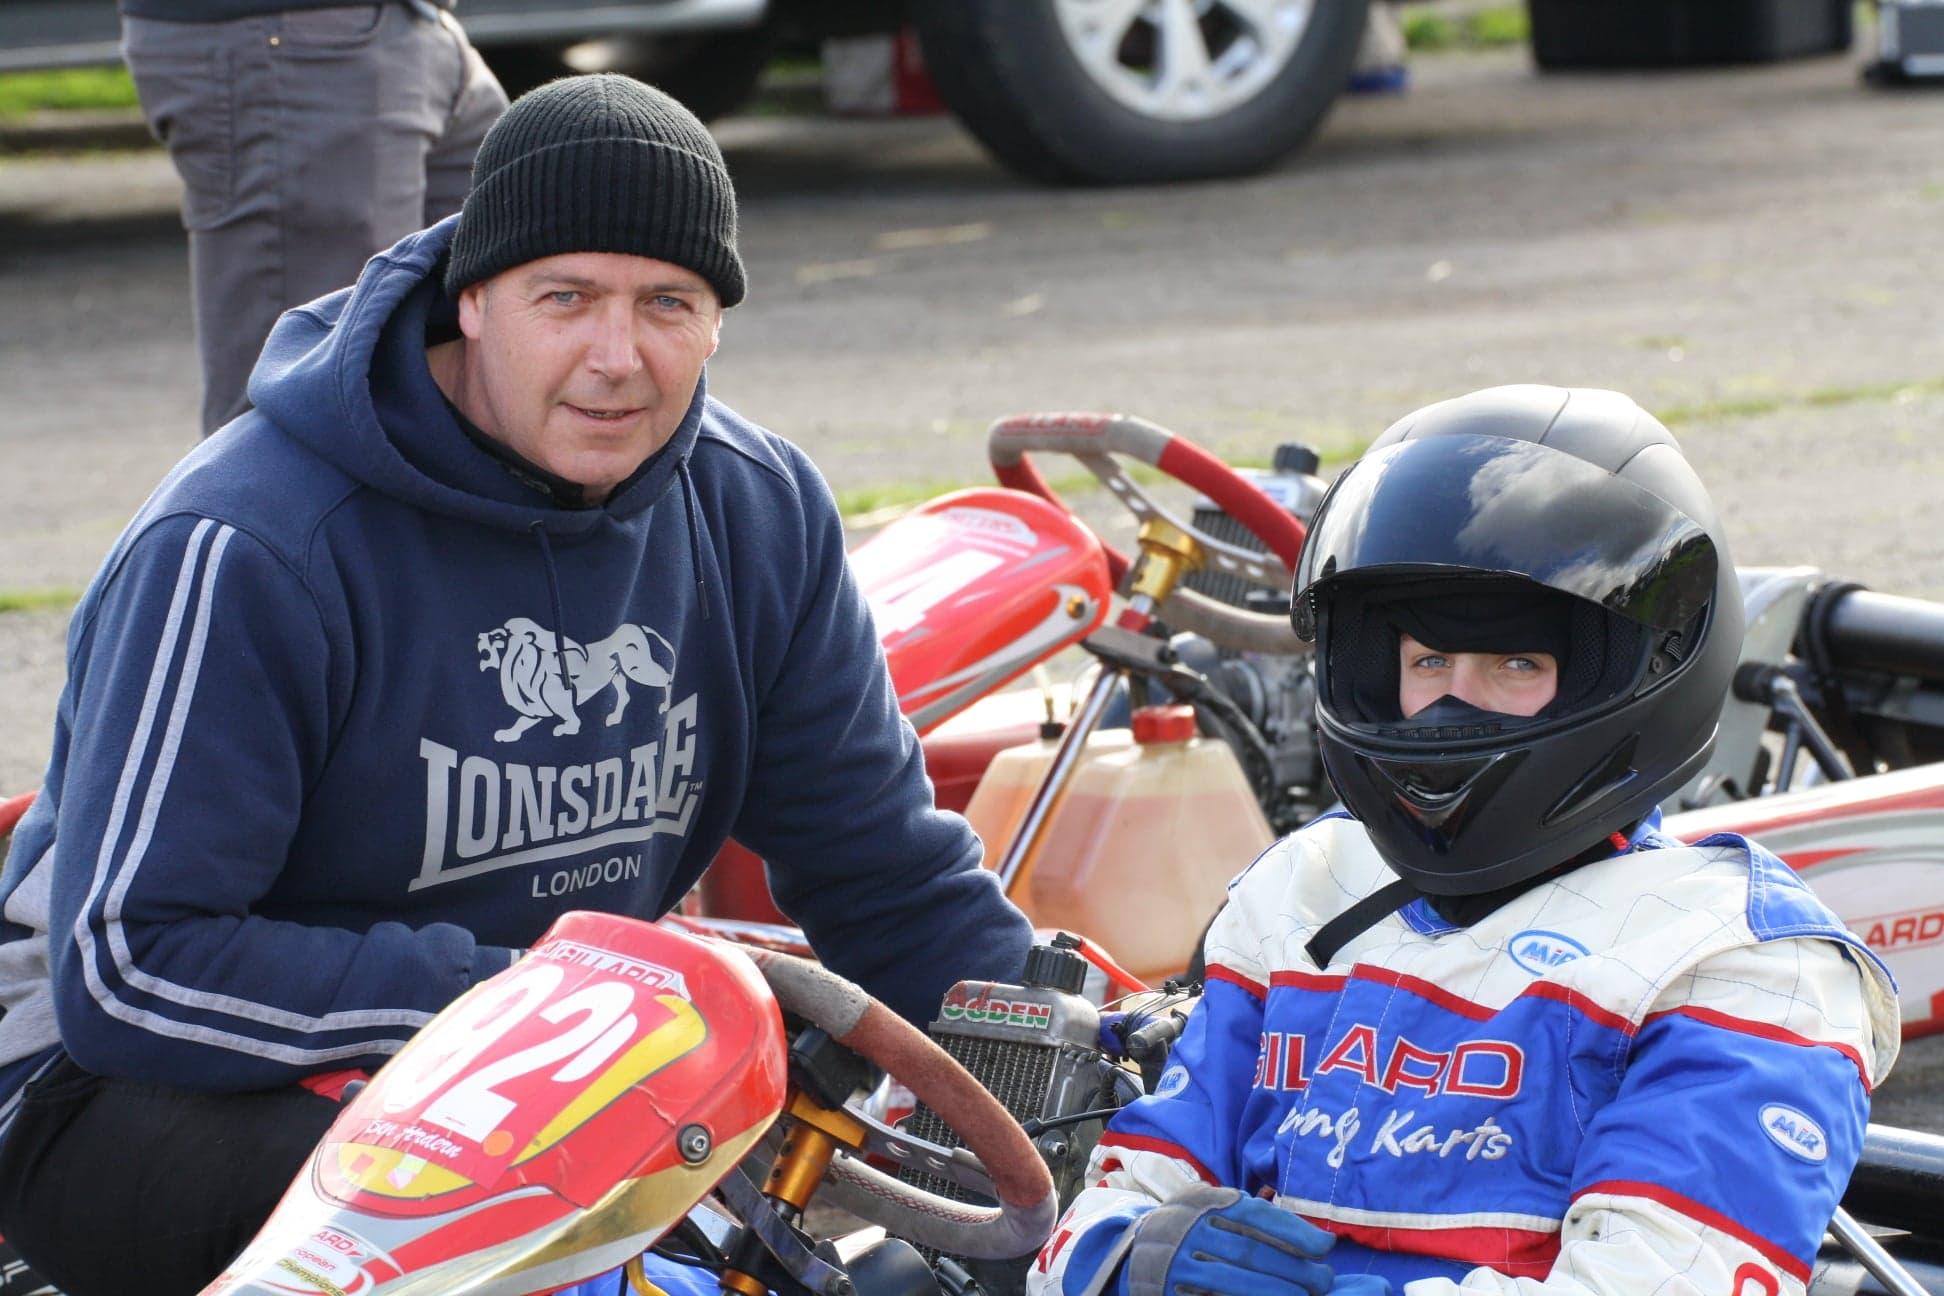 2016 Mark and Ben Ardem Junior Rotax